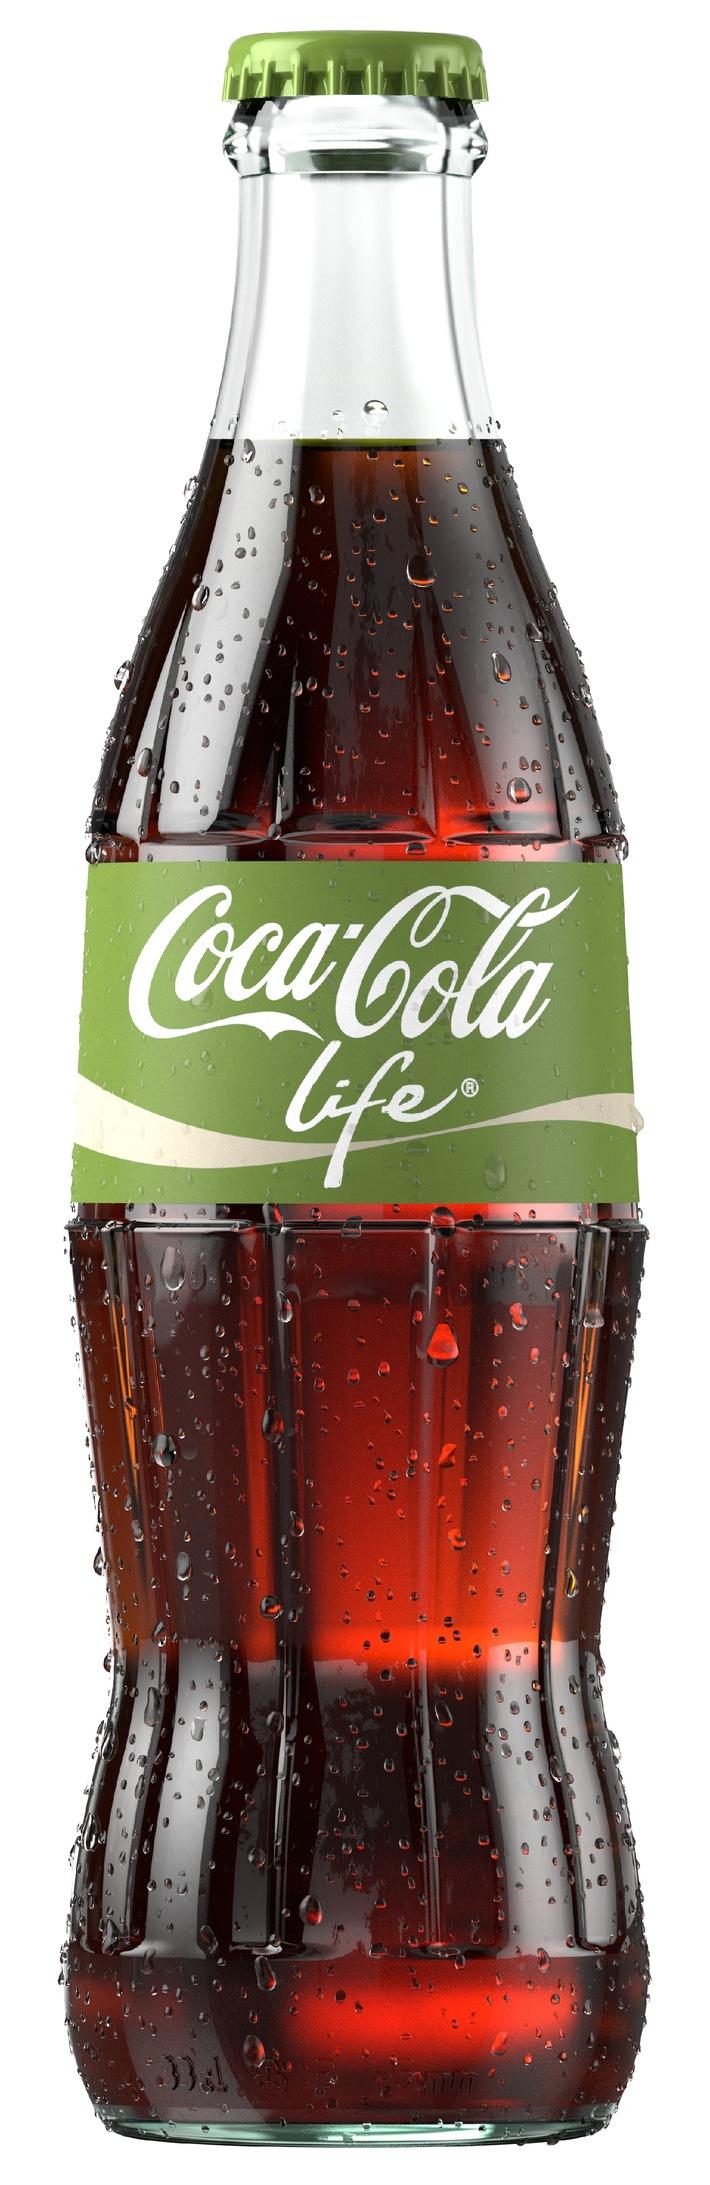 Naturellement délicieux: Coca-Cola Life arrive en Suisse